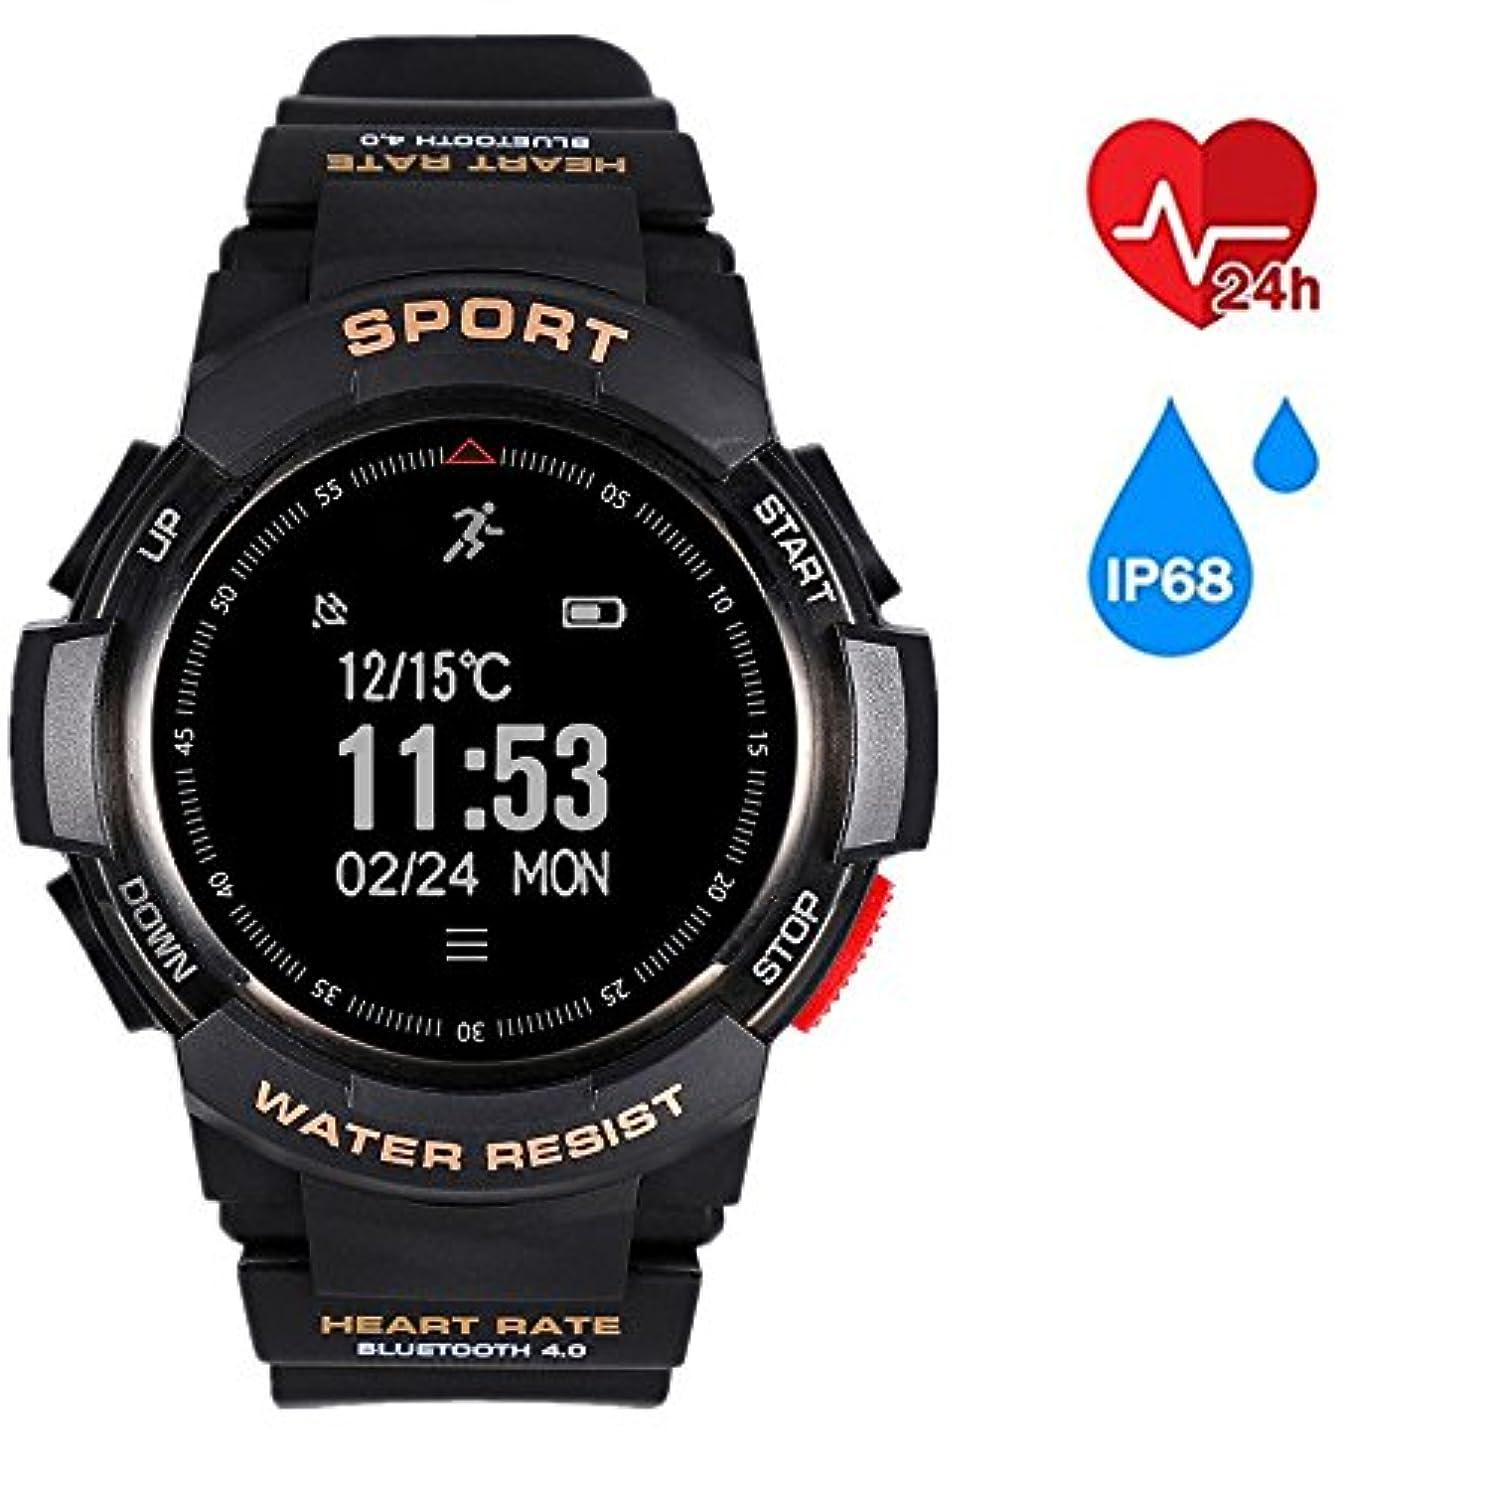 カップ富豪ドットf6 Bluetooth 4.0スマートリストバンドハートレートモニター歩数計ip68スポーツスマートウォッチスポーツブレスレット腕時計インテリジェント ブラック